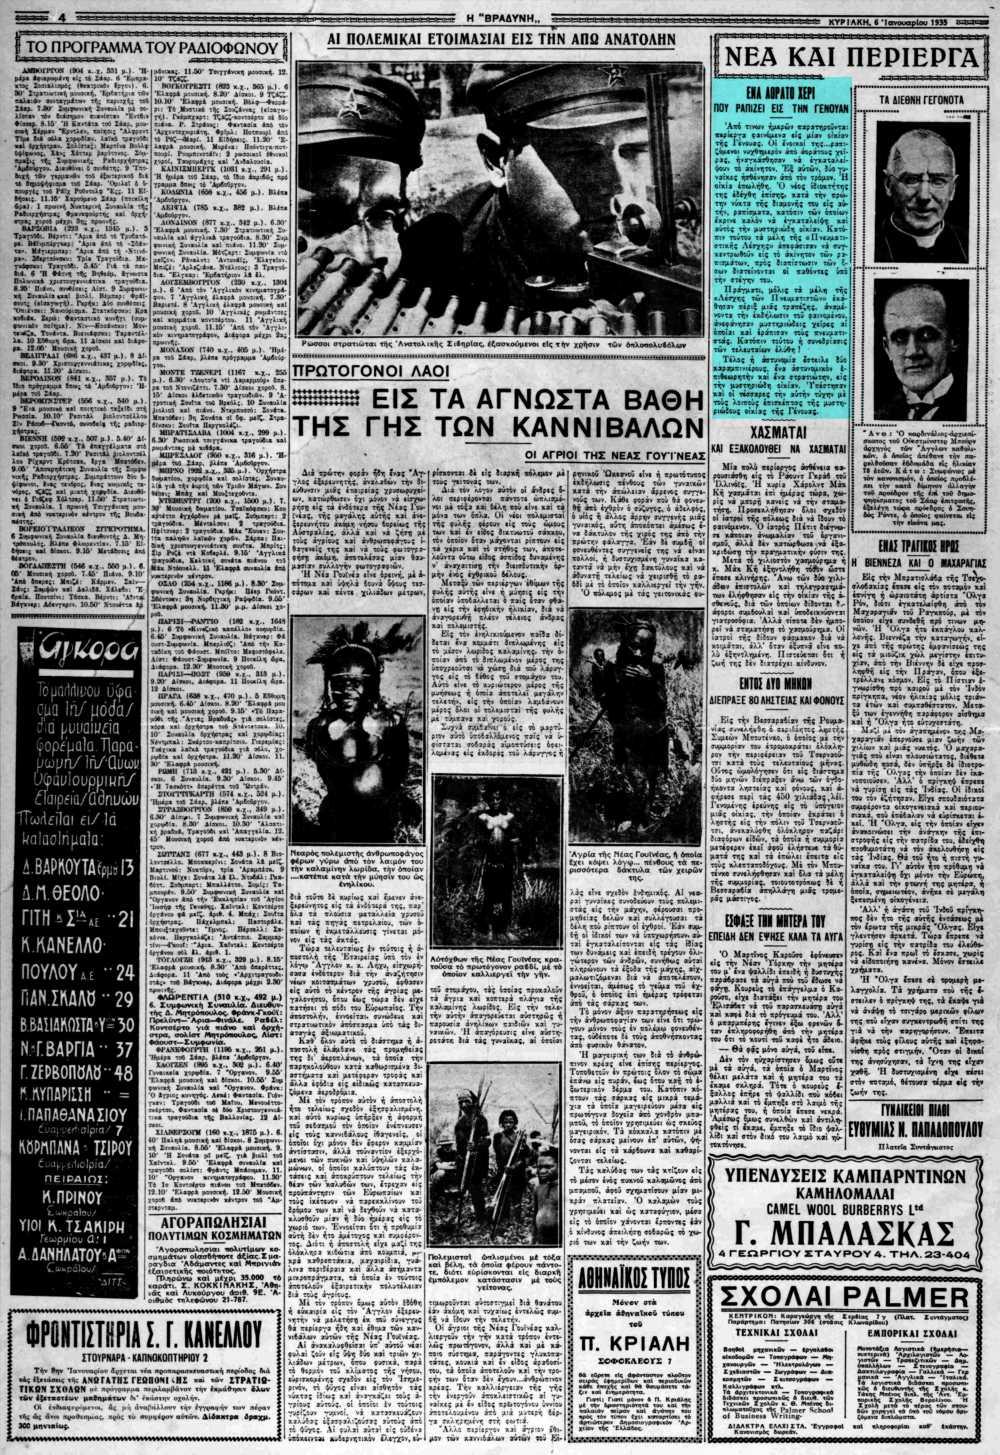 """Το άρθρο, όπως δημοσιεύθηκε στην εφημερίδα """"Η ΒΡΑΔΥΝΗ"""", στις 06/01/1935"""